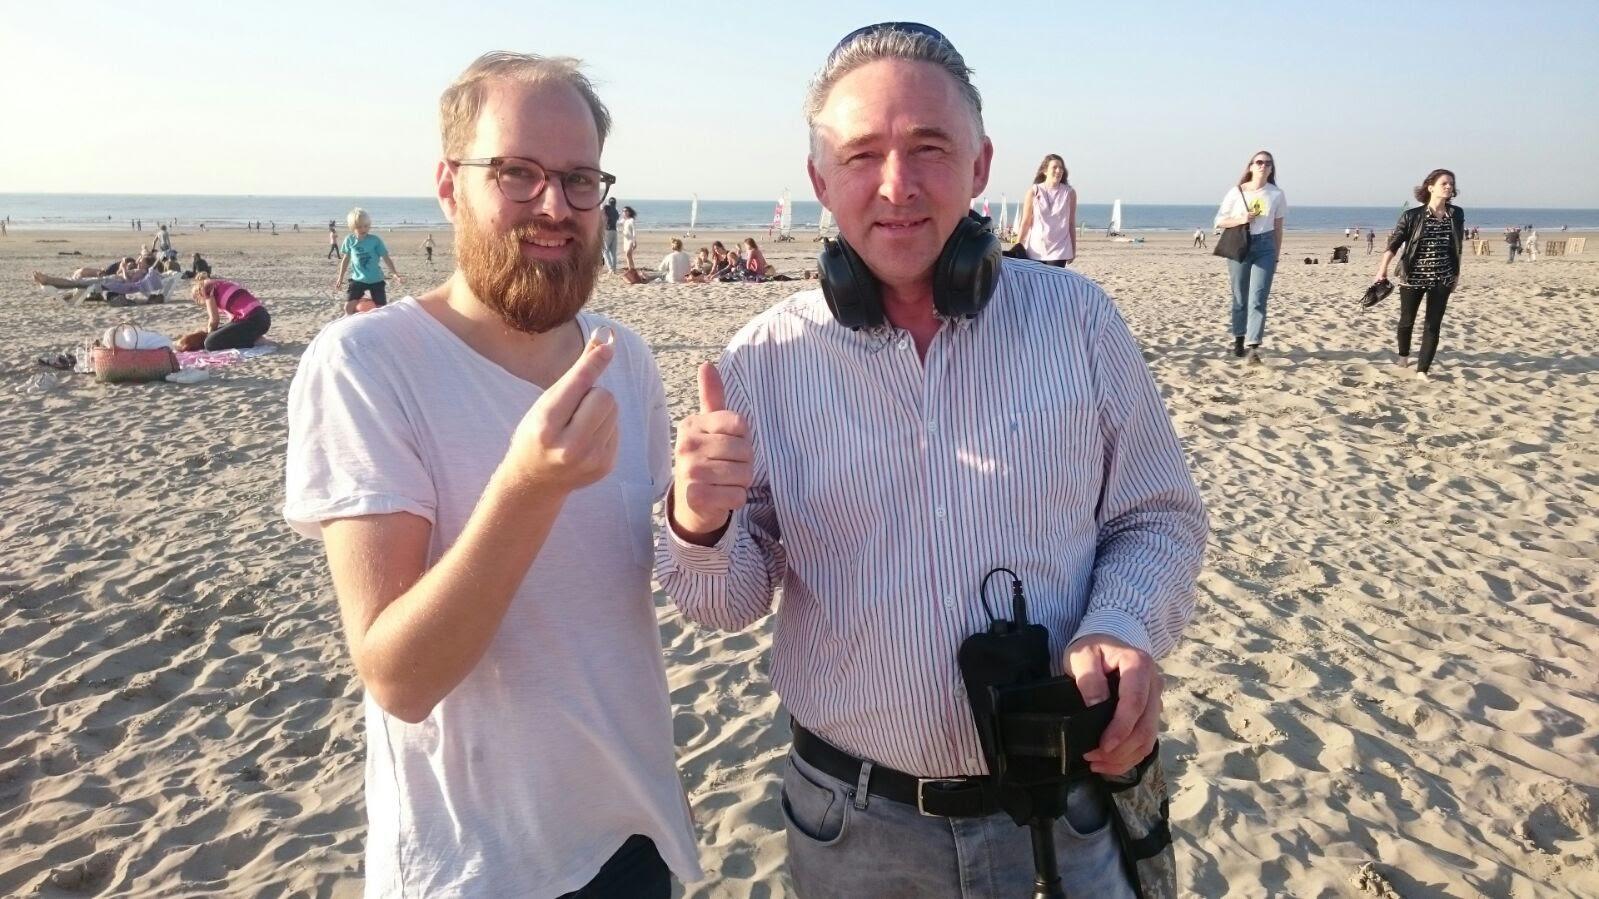 Trouwring Terug Uit Het Zand Bij Wijk Aan Zee Met De Metaaldetector